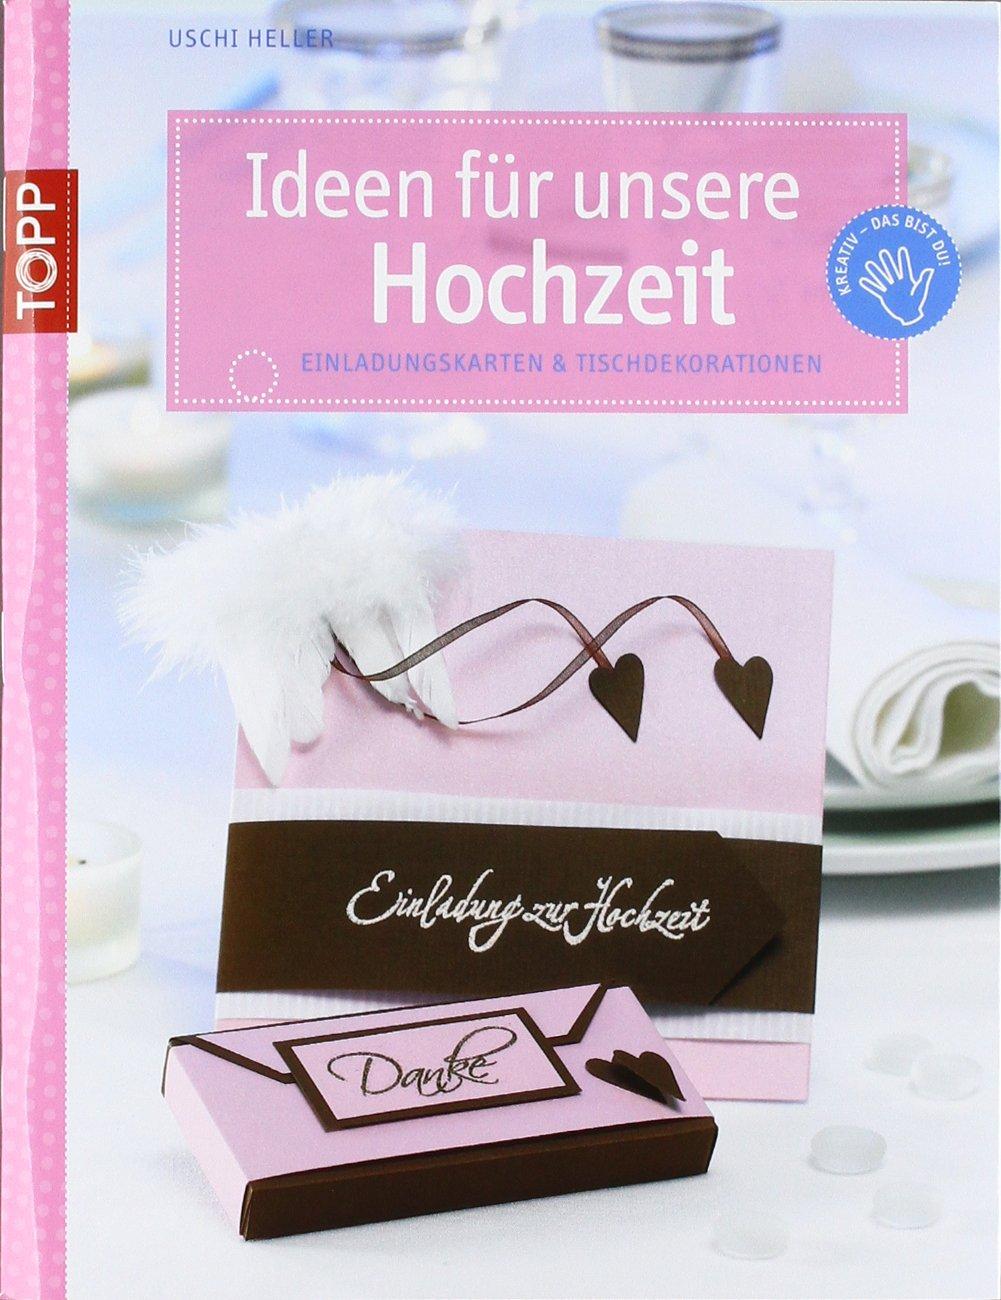 Ideen Für Unsere Hochzeit: Einladungskarten U0026 Tischdekorationen: Amazon.de:  Uschi Heller: Bücher